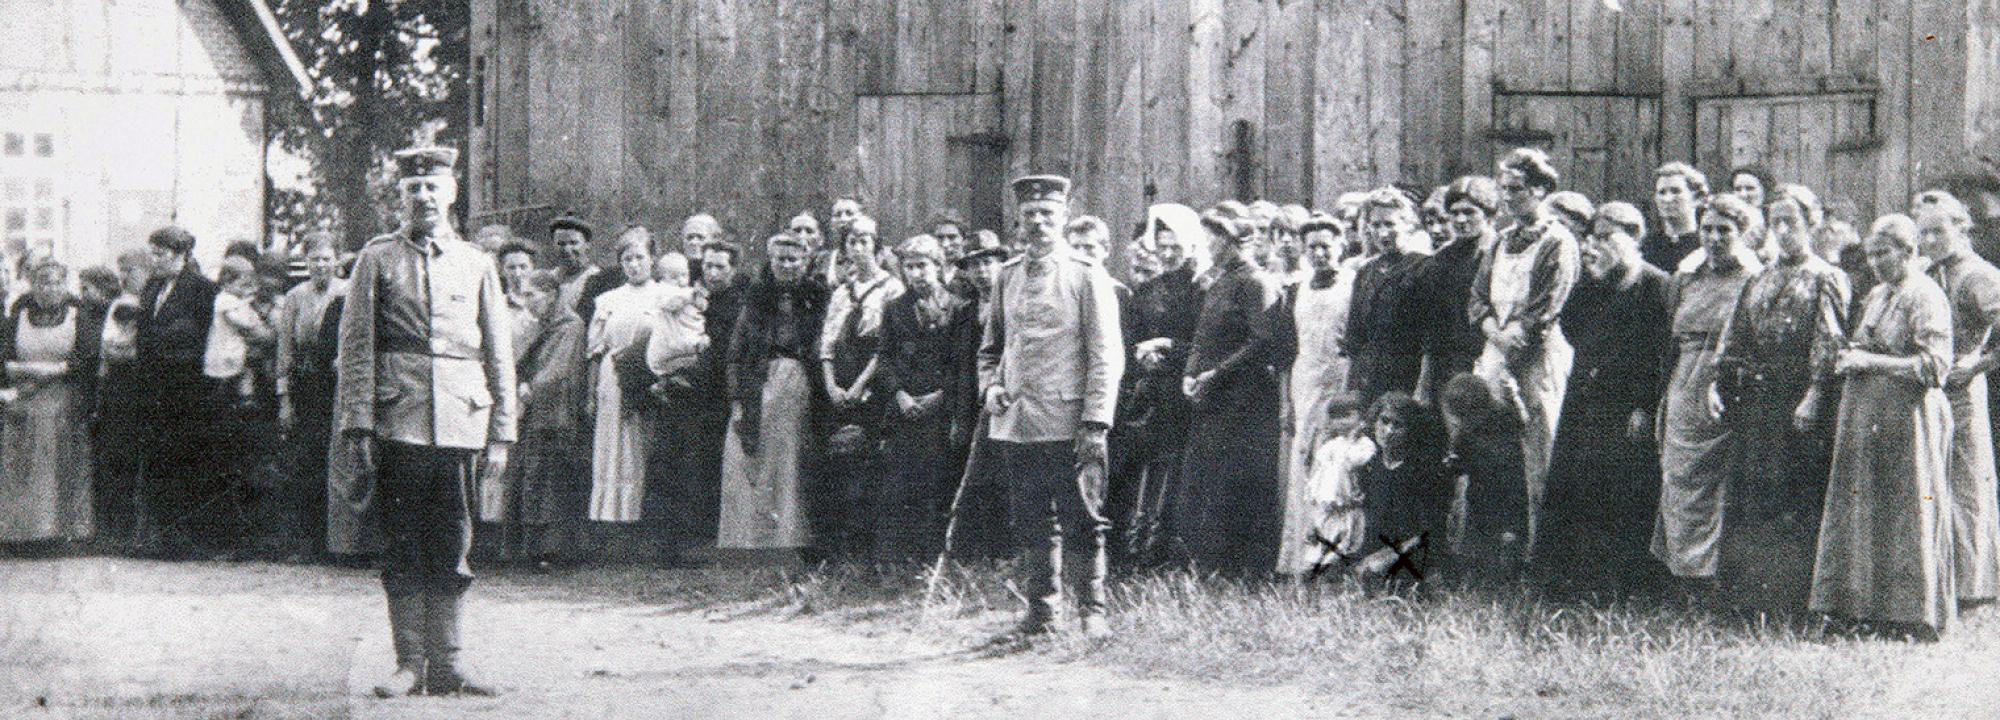 (2 ans) en Thérèse Delfosse 26 ans) in gevangenschap (otages, région de Tirlemont, 1914)